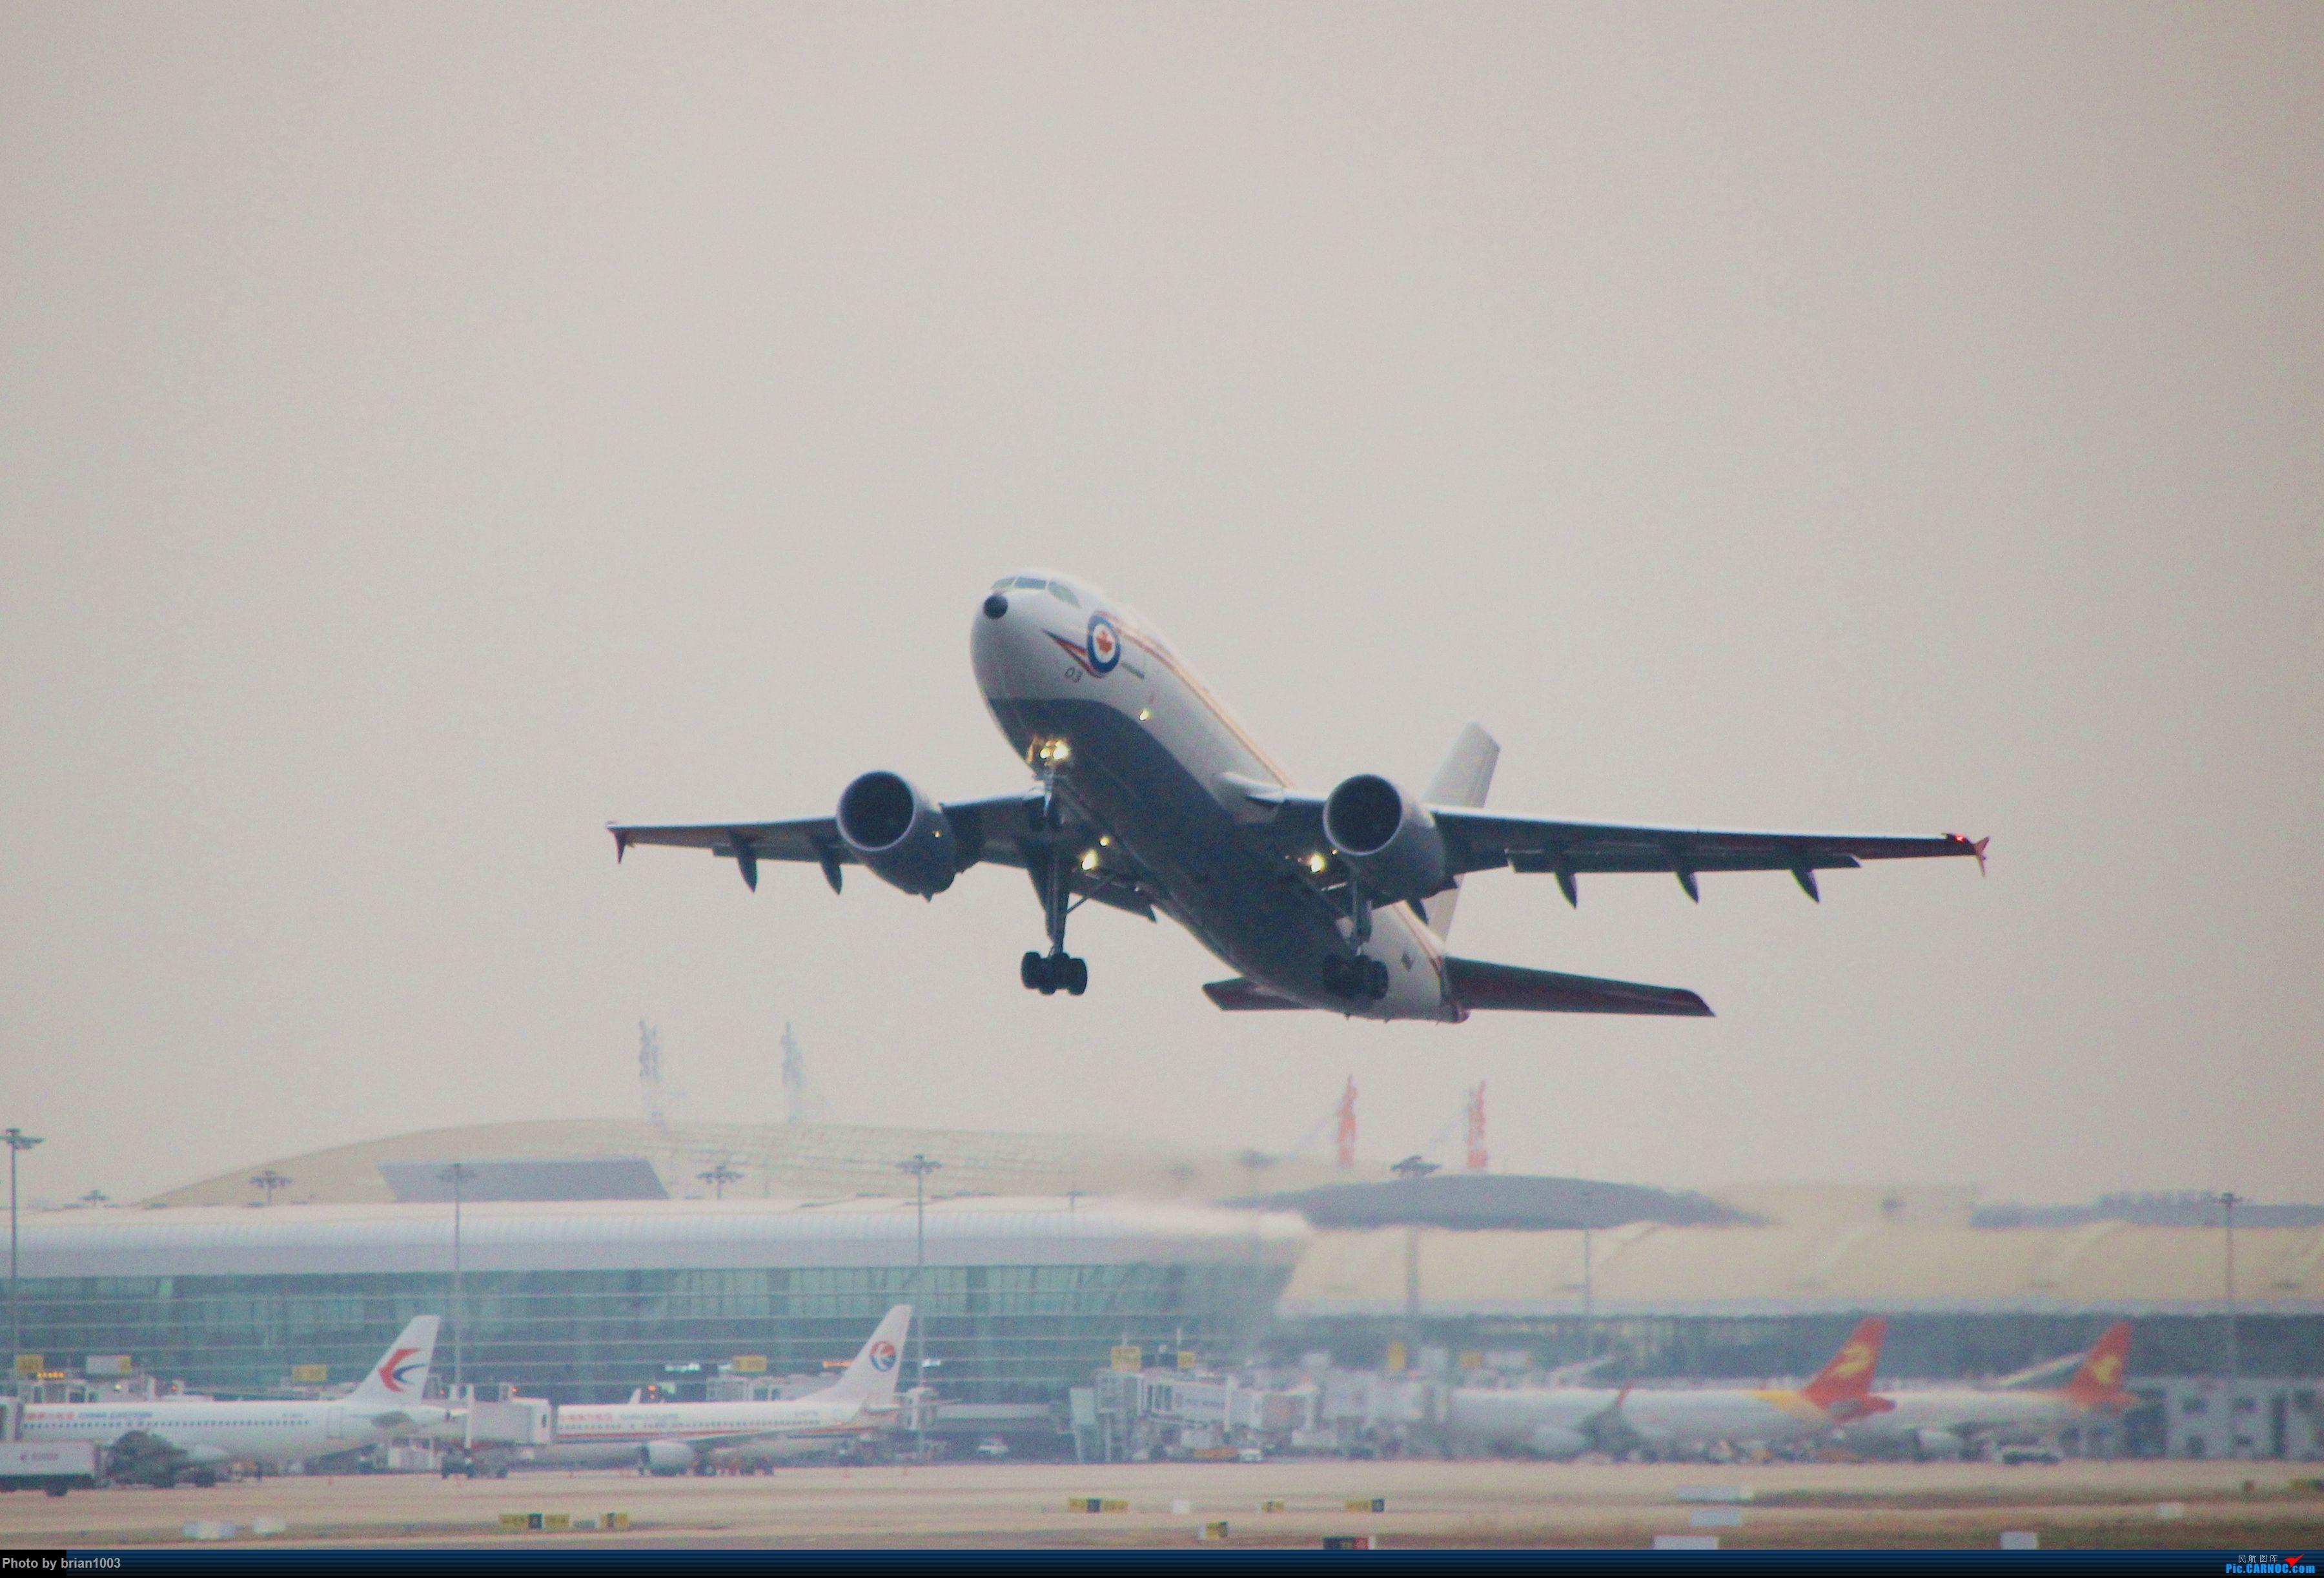 Re:[原创]WUH武汉天河机场拍机之精彩满满的十月(还可能更新) AIRBUS A310 CFC3170 中国武汉天河国际机场